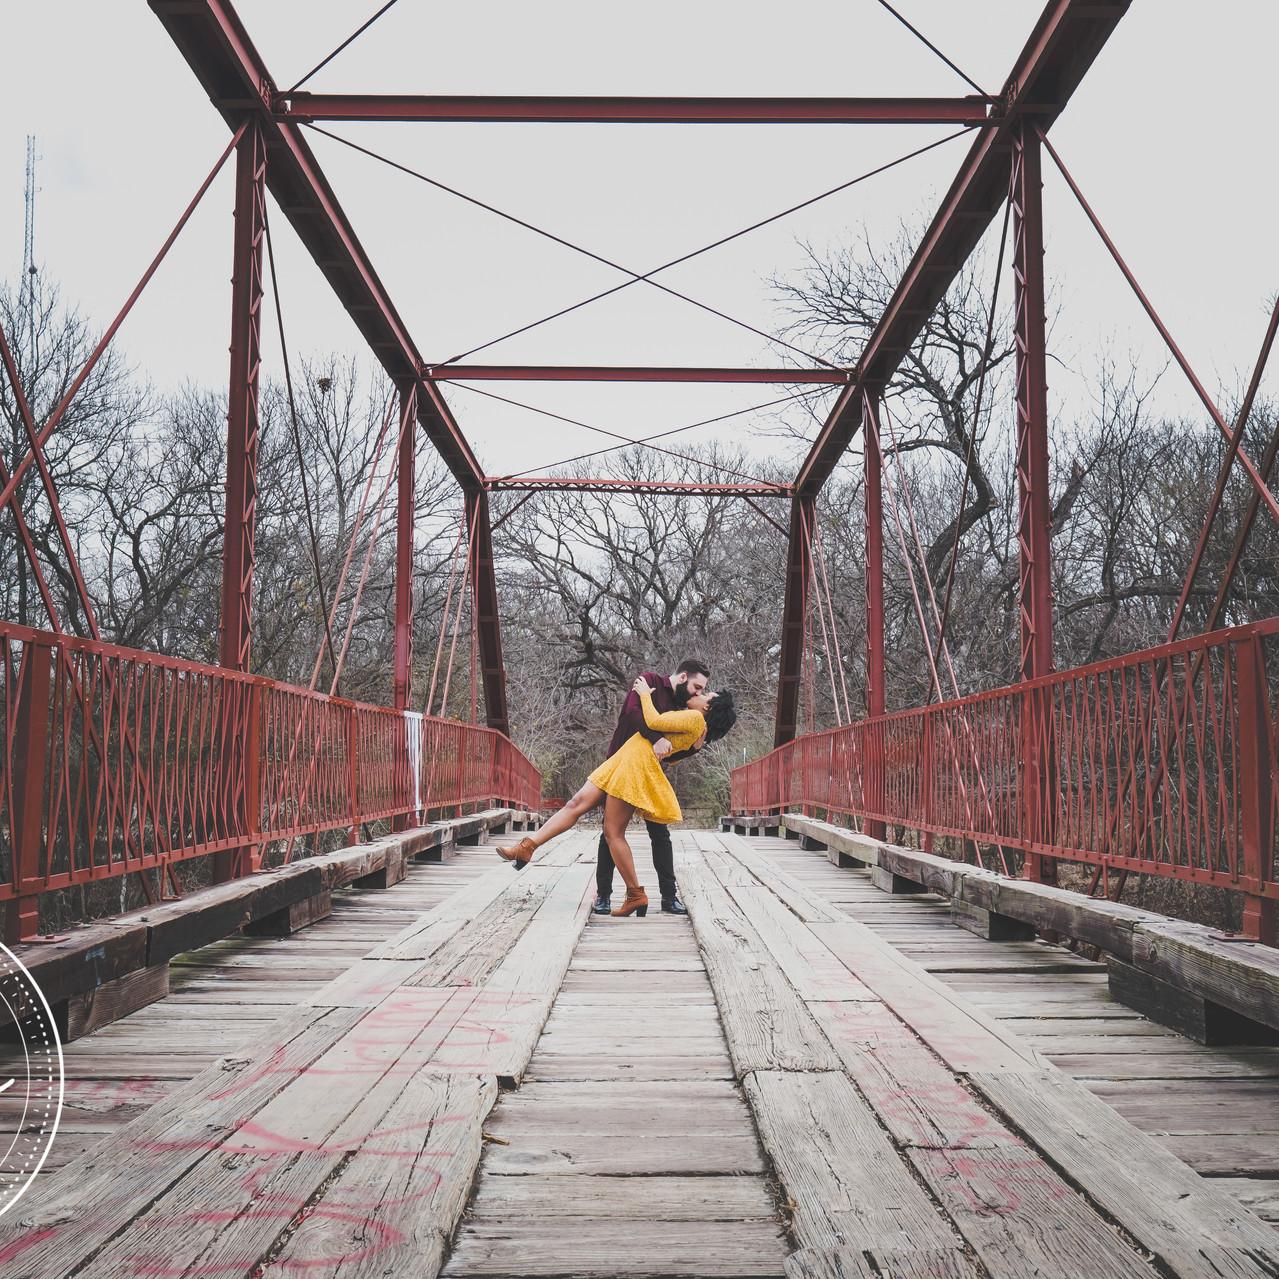 Couple on Old Alton Bridge in Denton Tx.